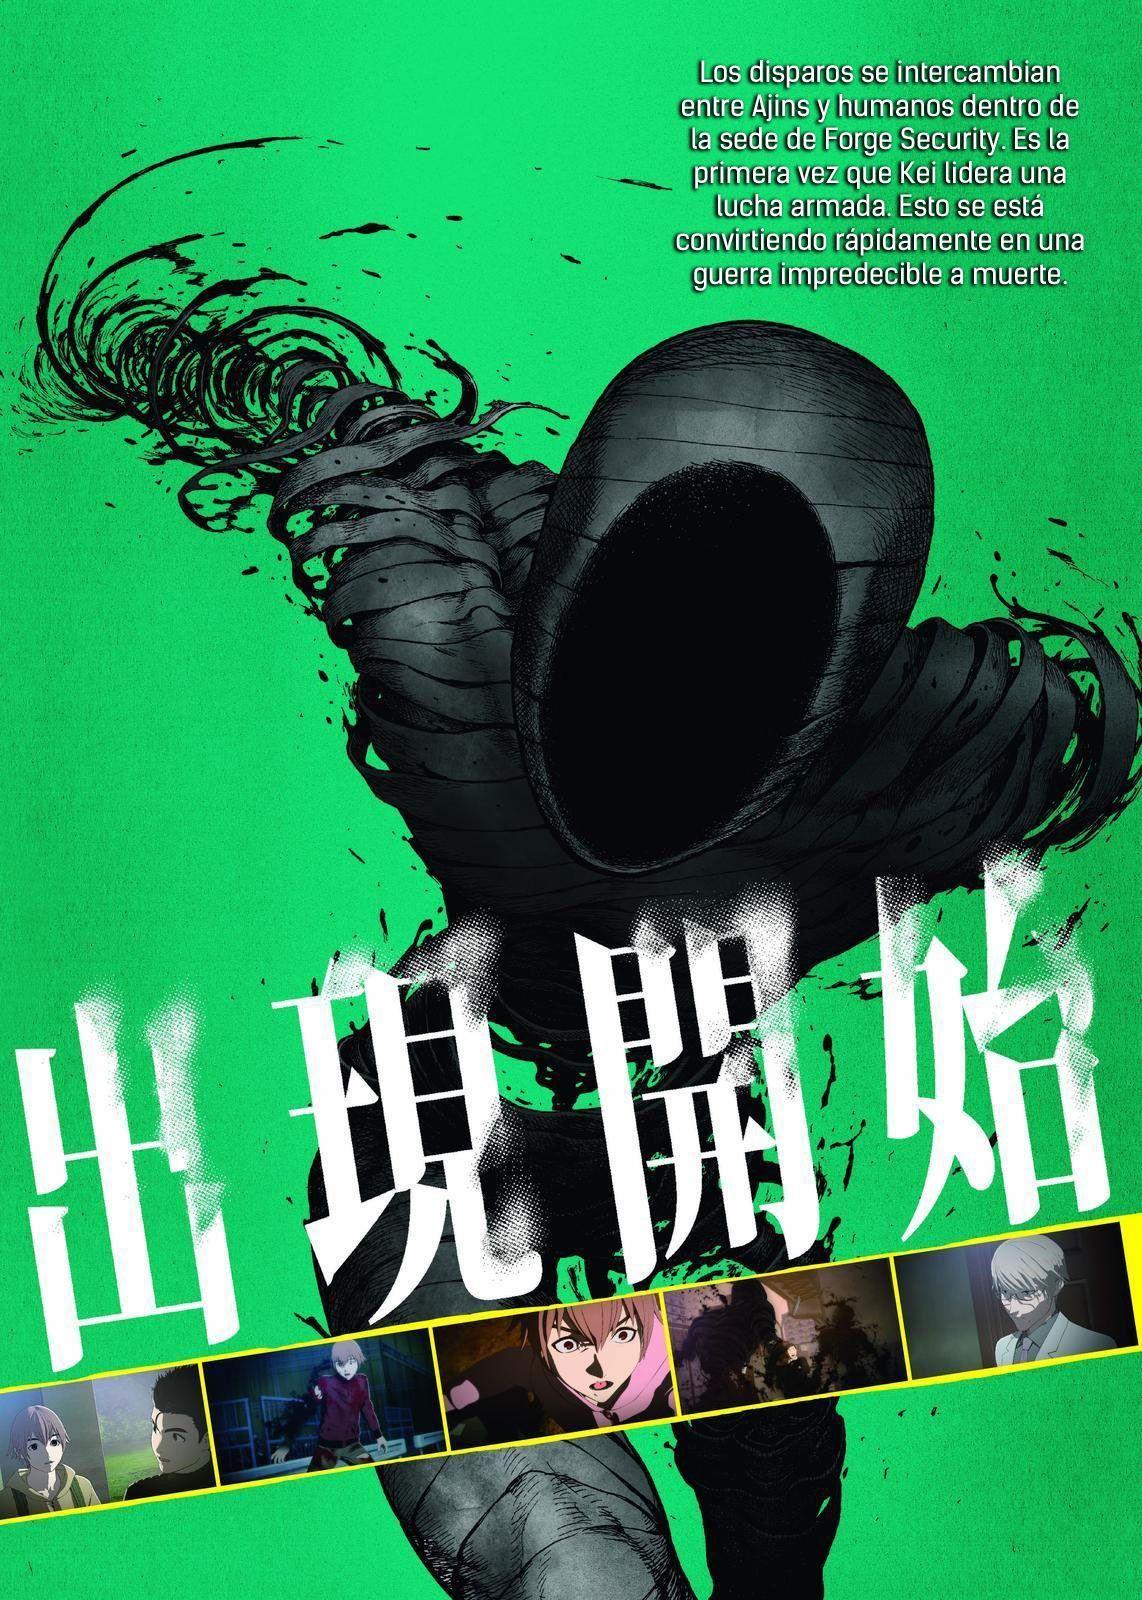 https://c5.ninemanga.com/es_manga/33/14177/463148/9426c311e76888b3b2368150cd05f362.jpg Page 2